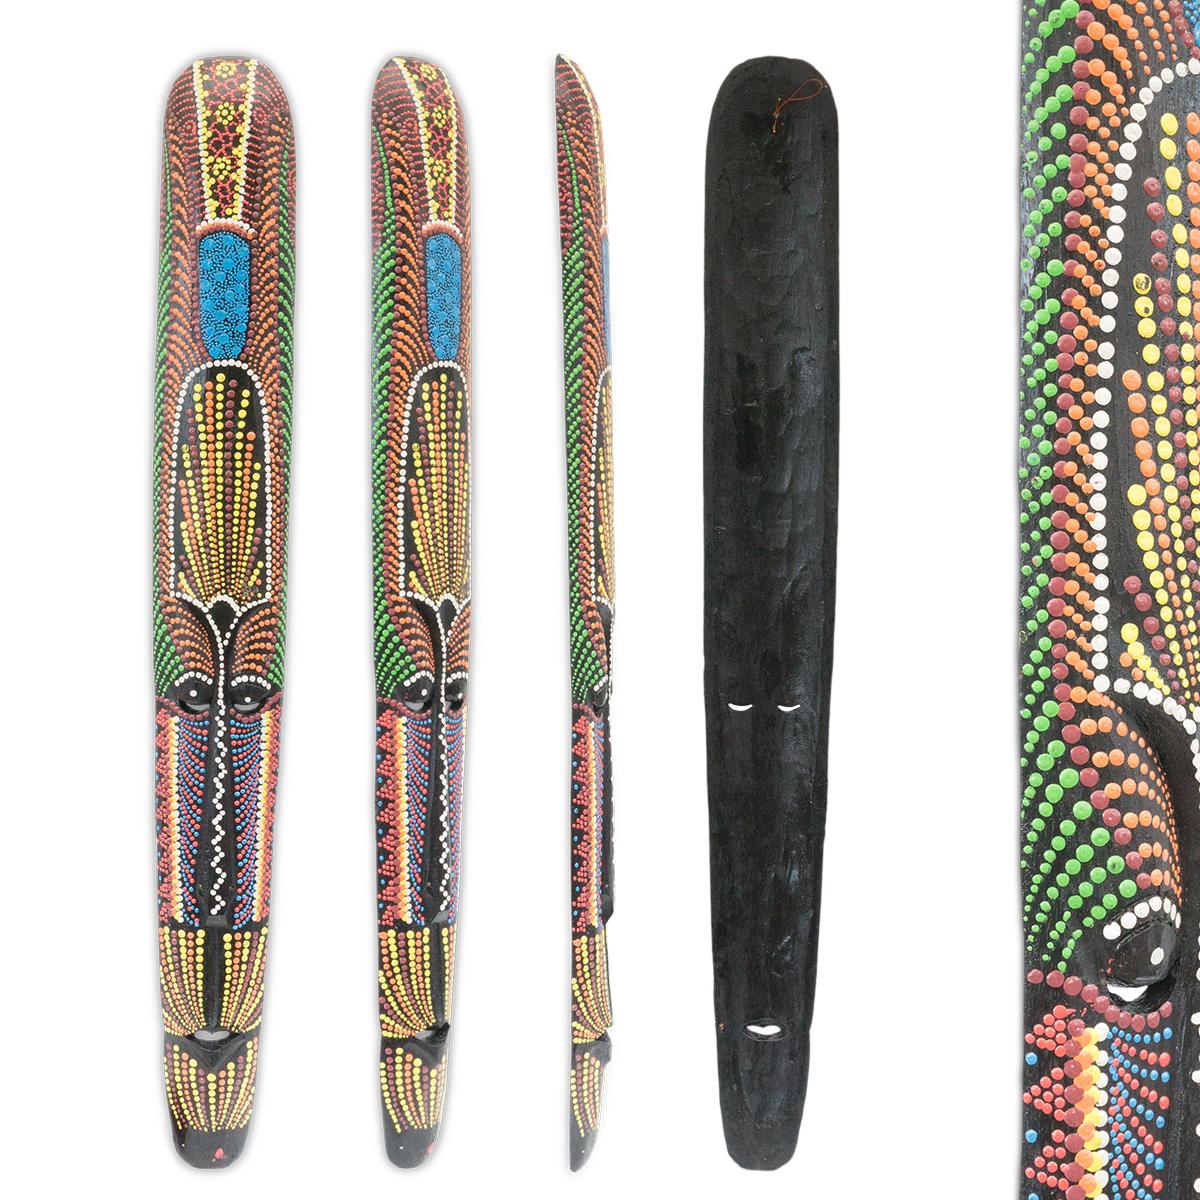 Wandmaske Punktmalerei Schnitzerei Exotische Holzmaske Wanddekoration Australisch Bunt – Bild 3